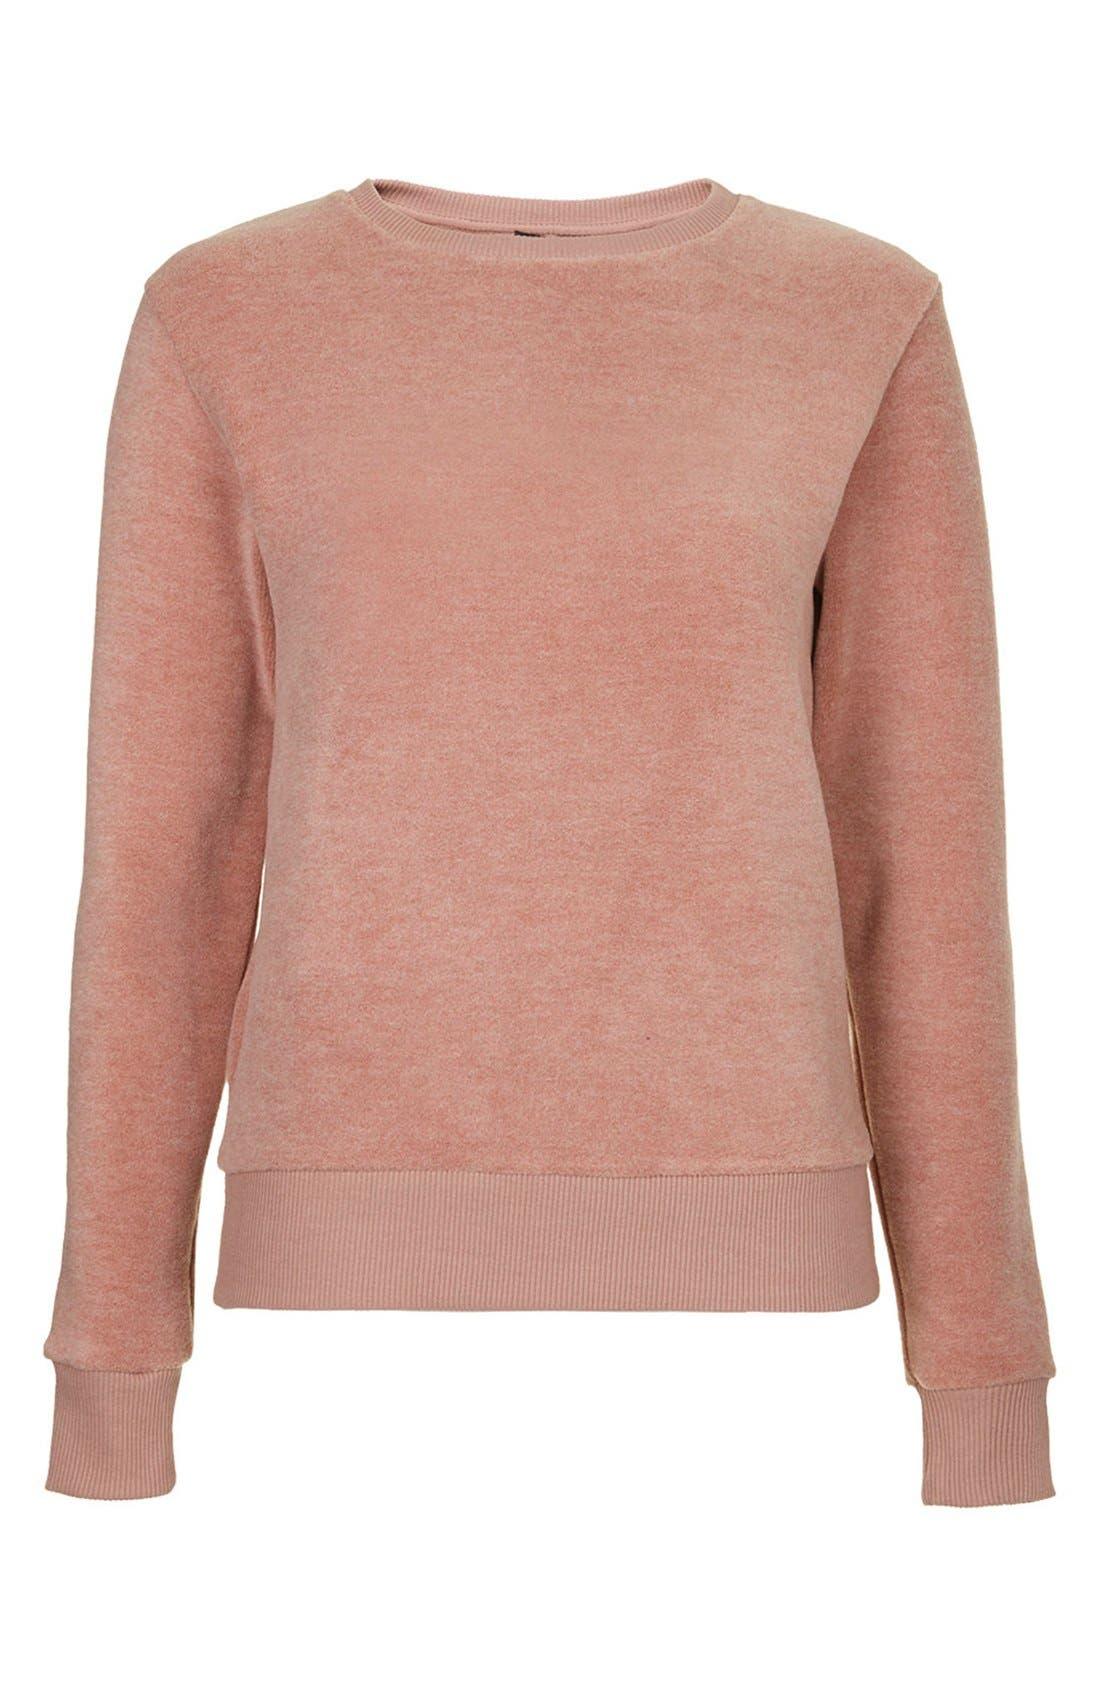 Alternate Image 3  - Topshop Fleece Crewneck Sweater